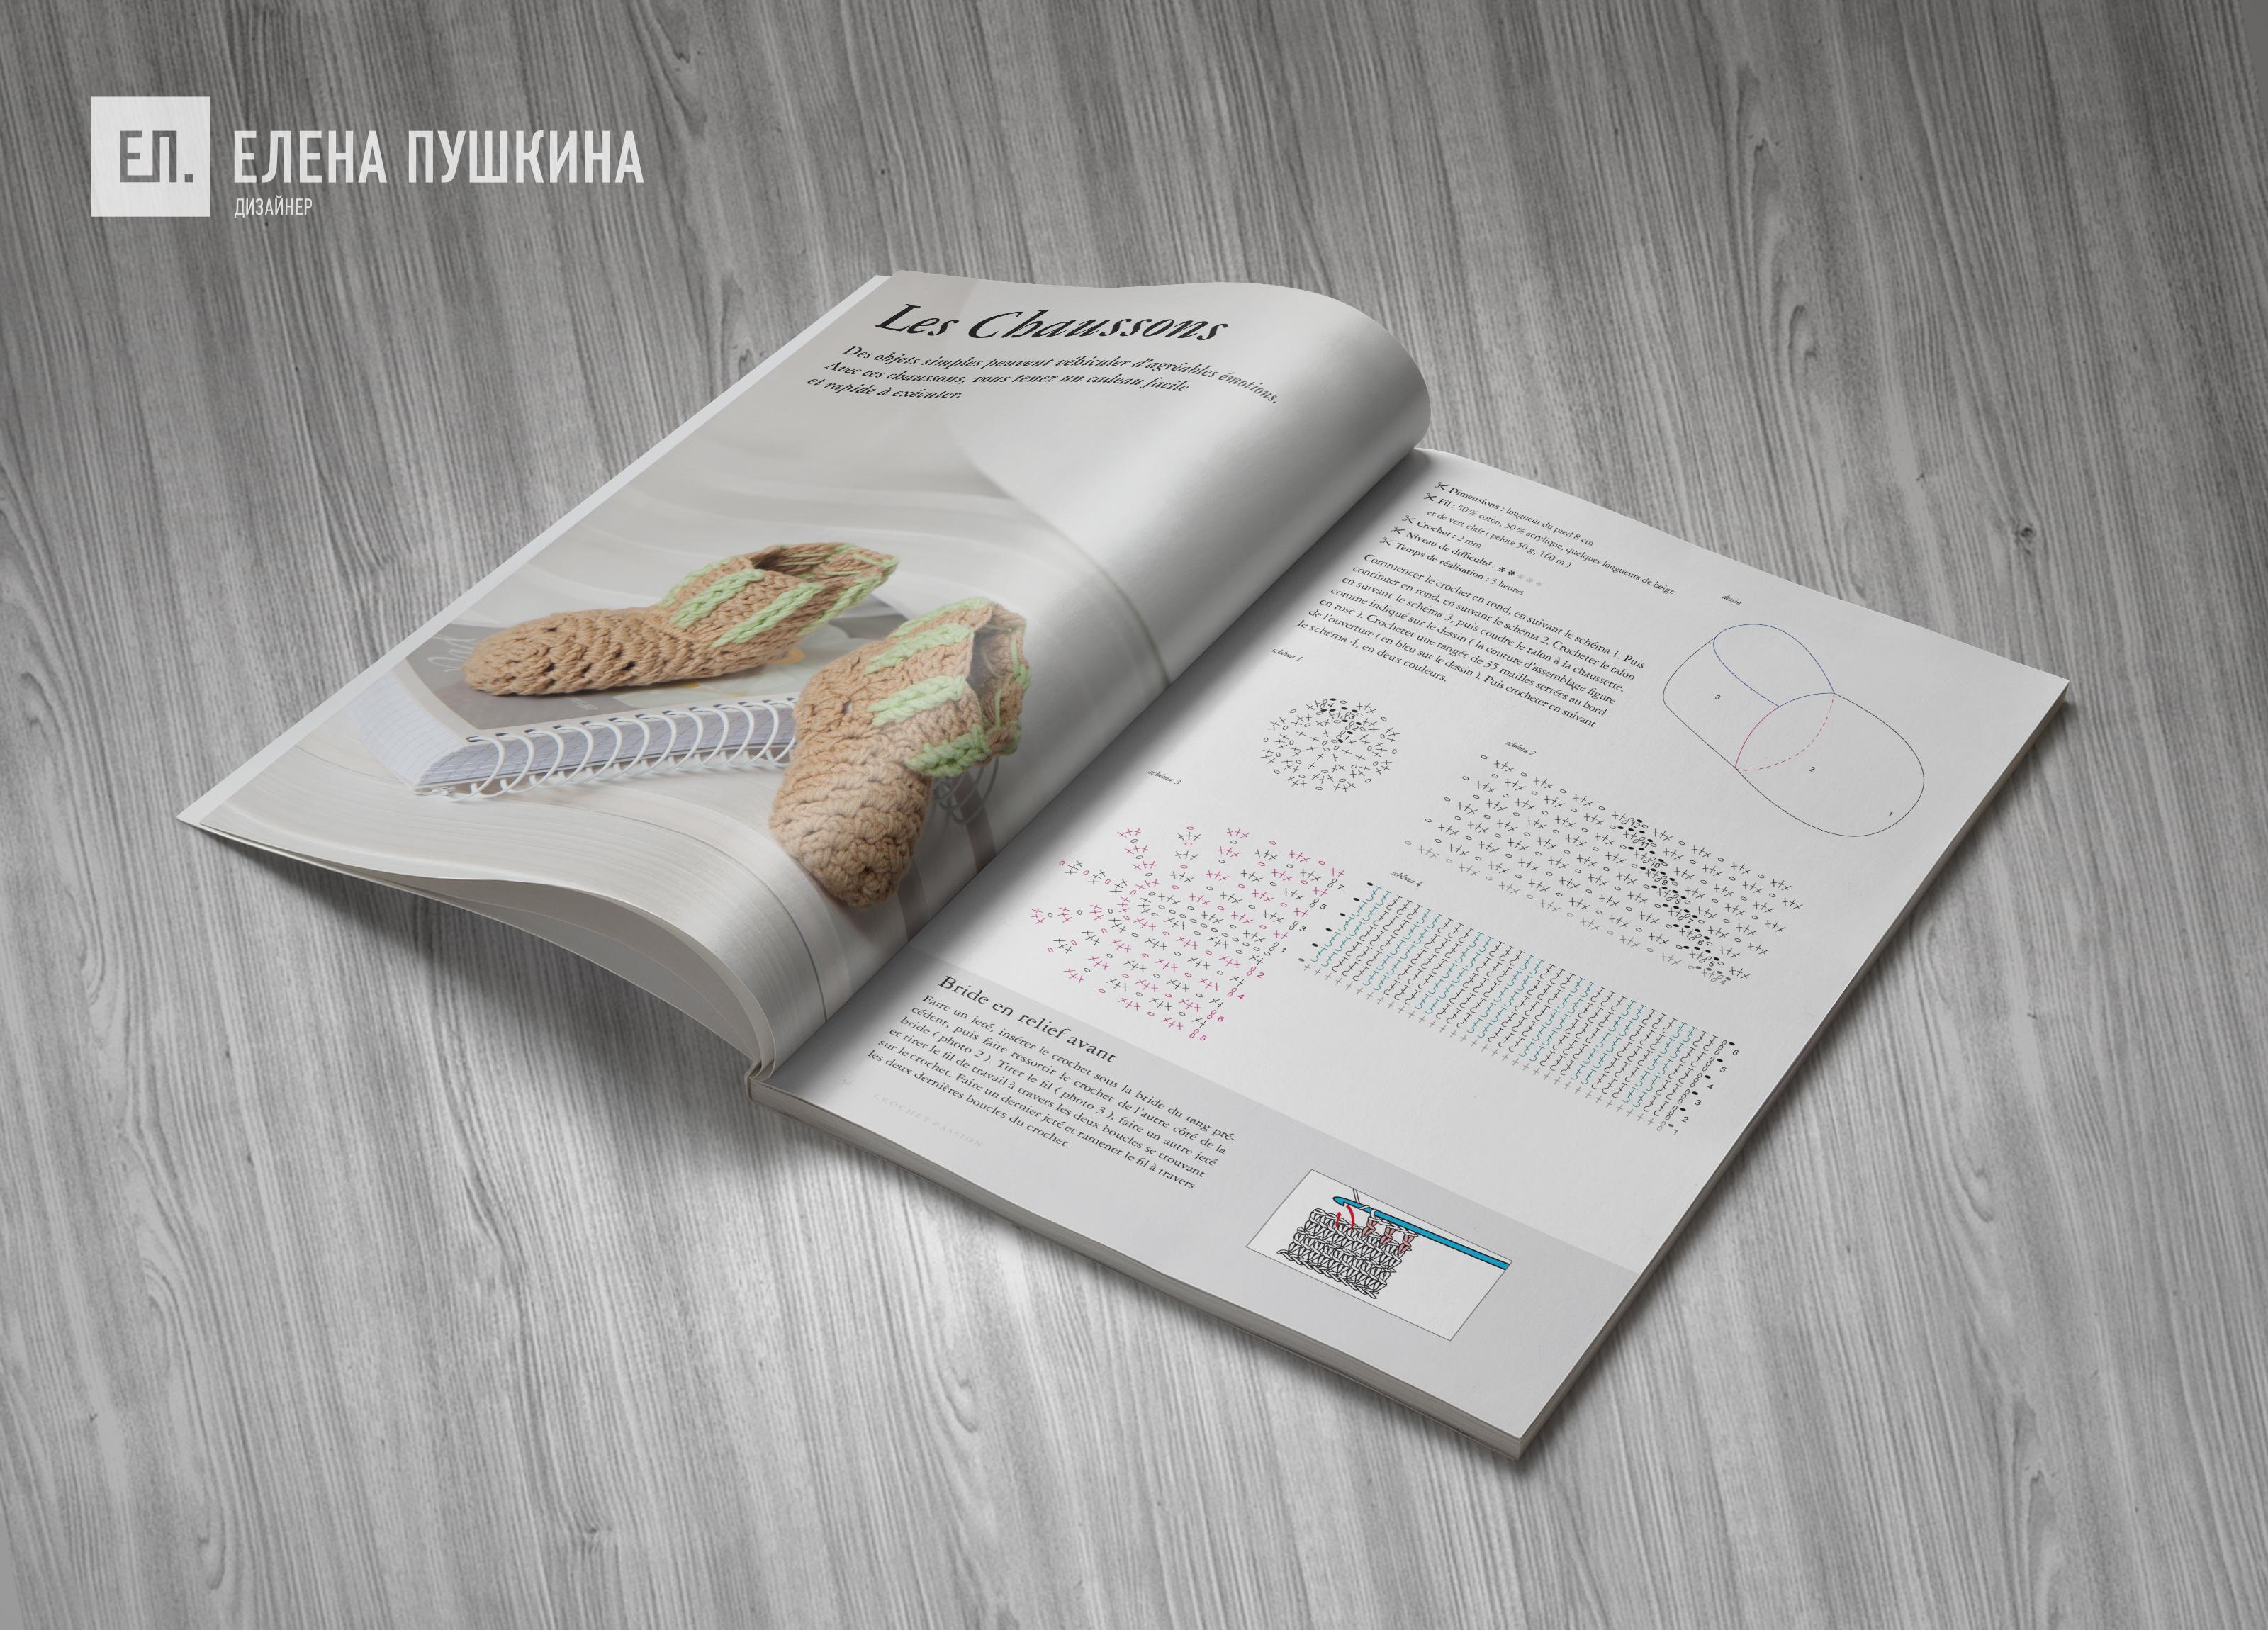 Журнал «CRPA» 11 2012 длямедиа холдинга «Multimedia Press»— разработка дизайна, цветокоррекция ивёрстка журнала Разработка журналов Портфолио